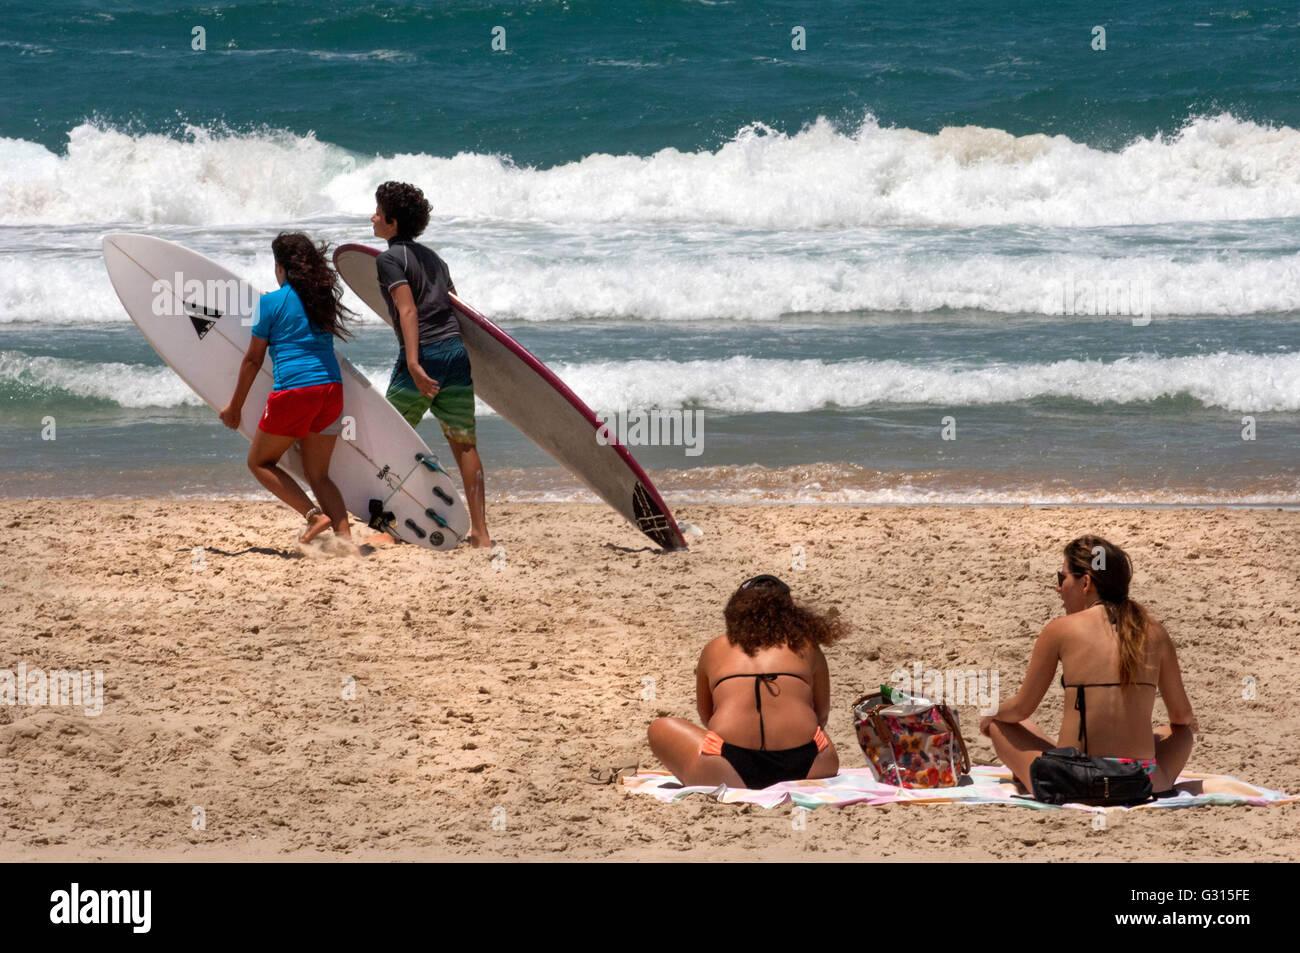 Los surfistas con rumbo a las olas en las playas de Tel Aviv, Israel. Imagen De Stock